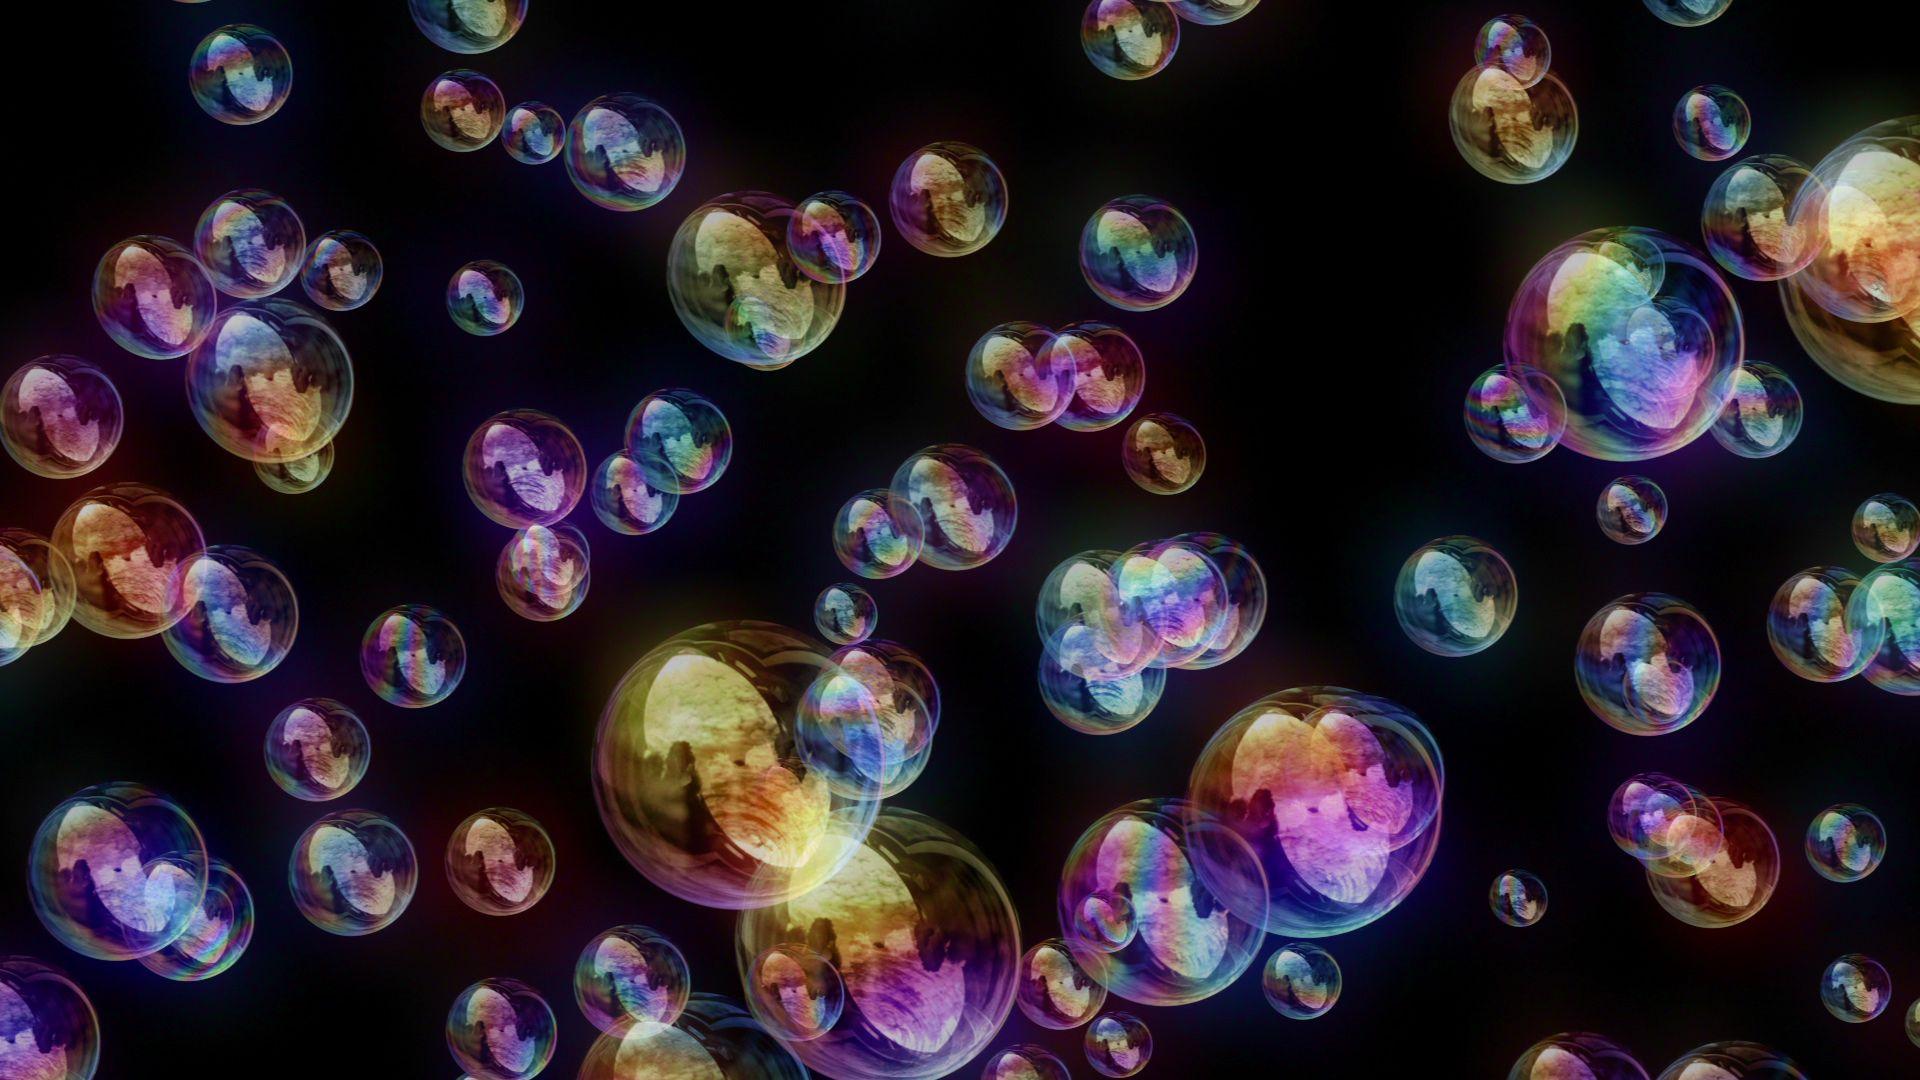 music soap bubble learn - HD1920×1080